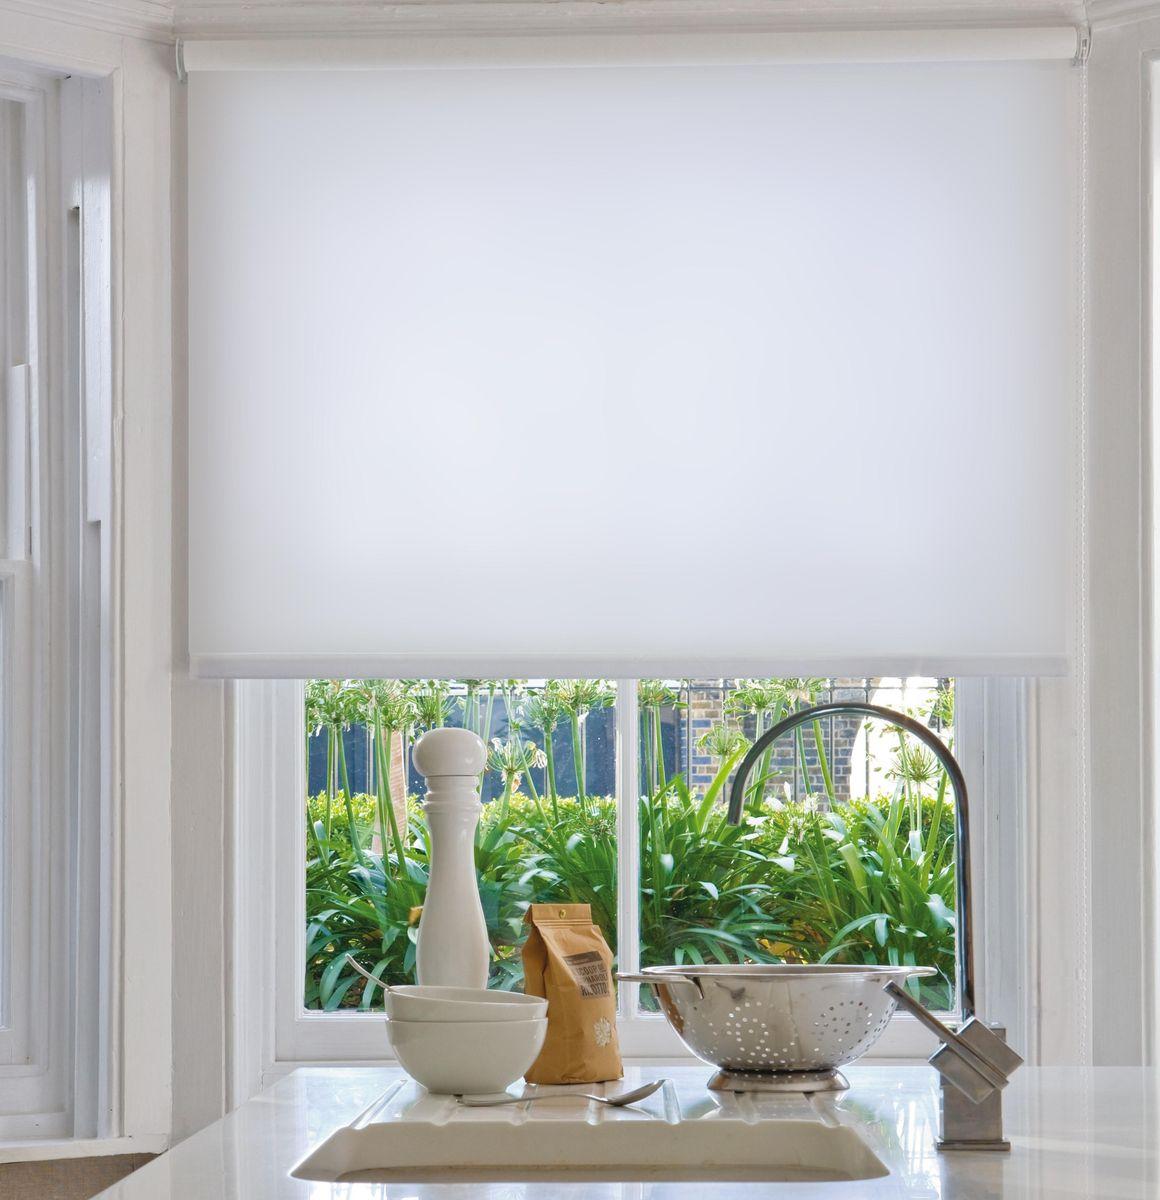 Штора рулонная Эскар, цвет: белый, ширина 80 см, высота 170 смS03301004Рулонными шторами можно оформлять окна как самостоятельно, так и использовать в комбинации с портьерами. Это поможет предотвратить выгорание дорогой ткани на солнце и соединит функционал рулонных с красотой навесных.Преимущества применения рулонных штор для пластиковых окон:- имеют прекрасный внешний вид: многообразие и фактурность материала изделия отлично смотрятся в любом интерьере; - многофункциональны: есть возможность подобрать шторы способные эффективно защитить комнату от солнца, при этом о на не будет слишком темной. - Есть возможность осуществить быстрый монтаж. ВНИМАНИЕ! Размеры ширины изделия указаны по ширине ткани!Во время эксплуатации не рекомендуется полностью разматывать рулон, чтобы не оторвать ткань от намоточного вала.В случае загрязнения поверхности ткани, чистку шторы проводят одним из способов, в зависимости от типа загрязнения: легкое поверхностное загрязнение можно удалить при помощи канцелярского ластика; чистка от пыли производится сухим методом при помощи пылесоса с мягкой щеткой-насадкой; для удаления пятна используйте мягкую губку с пенообразующим неагрессивным моющим средством или пятновыводитель на натуральной основе (нельзя применять растворители).